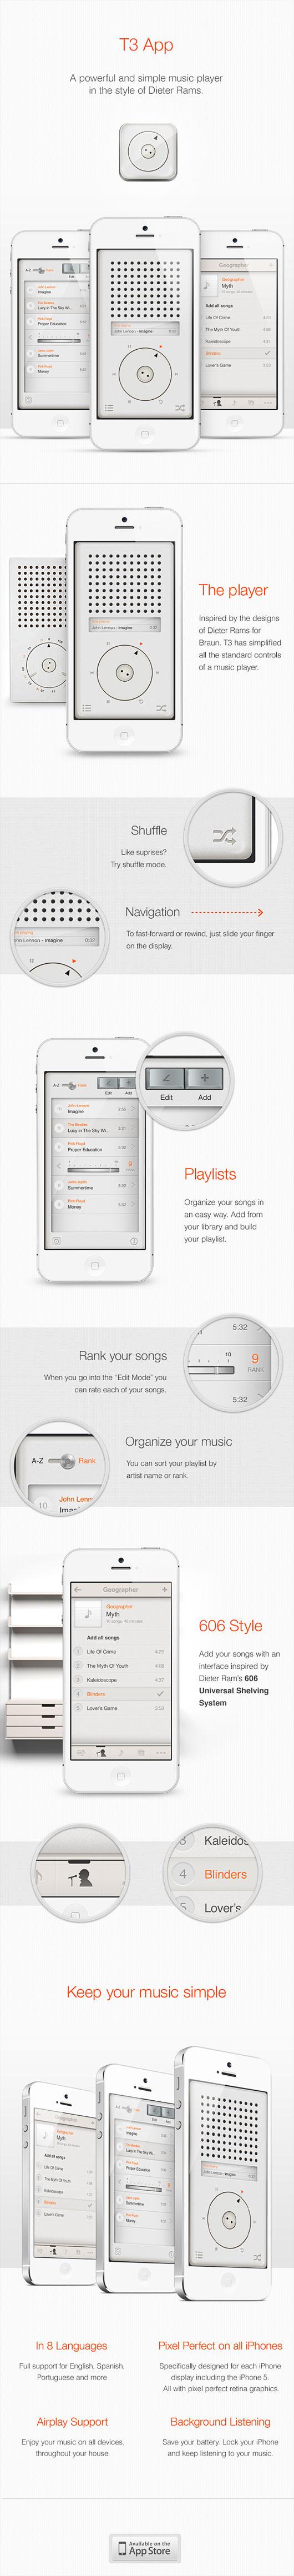 iPhone App UI Designs